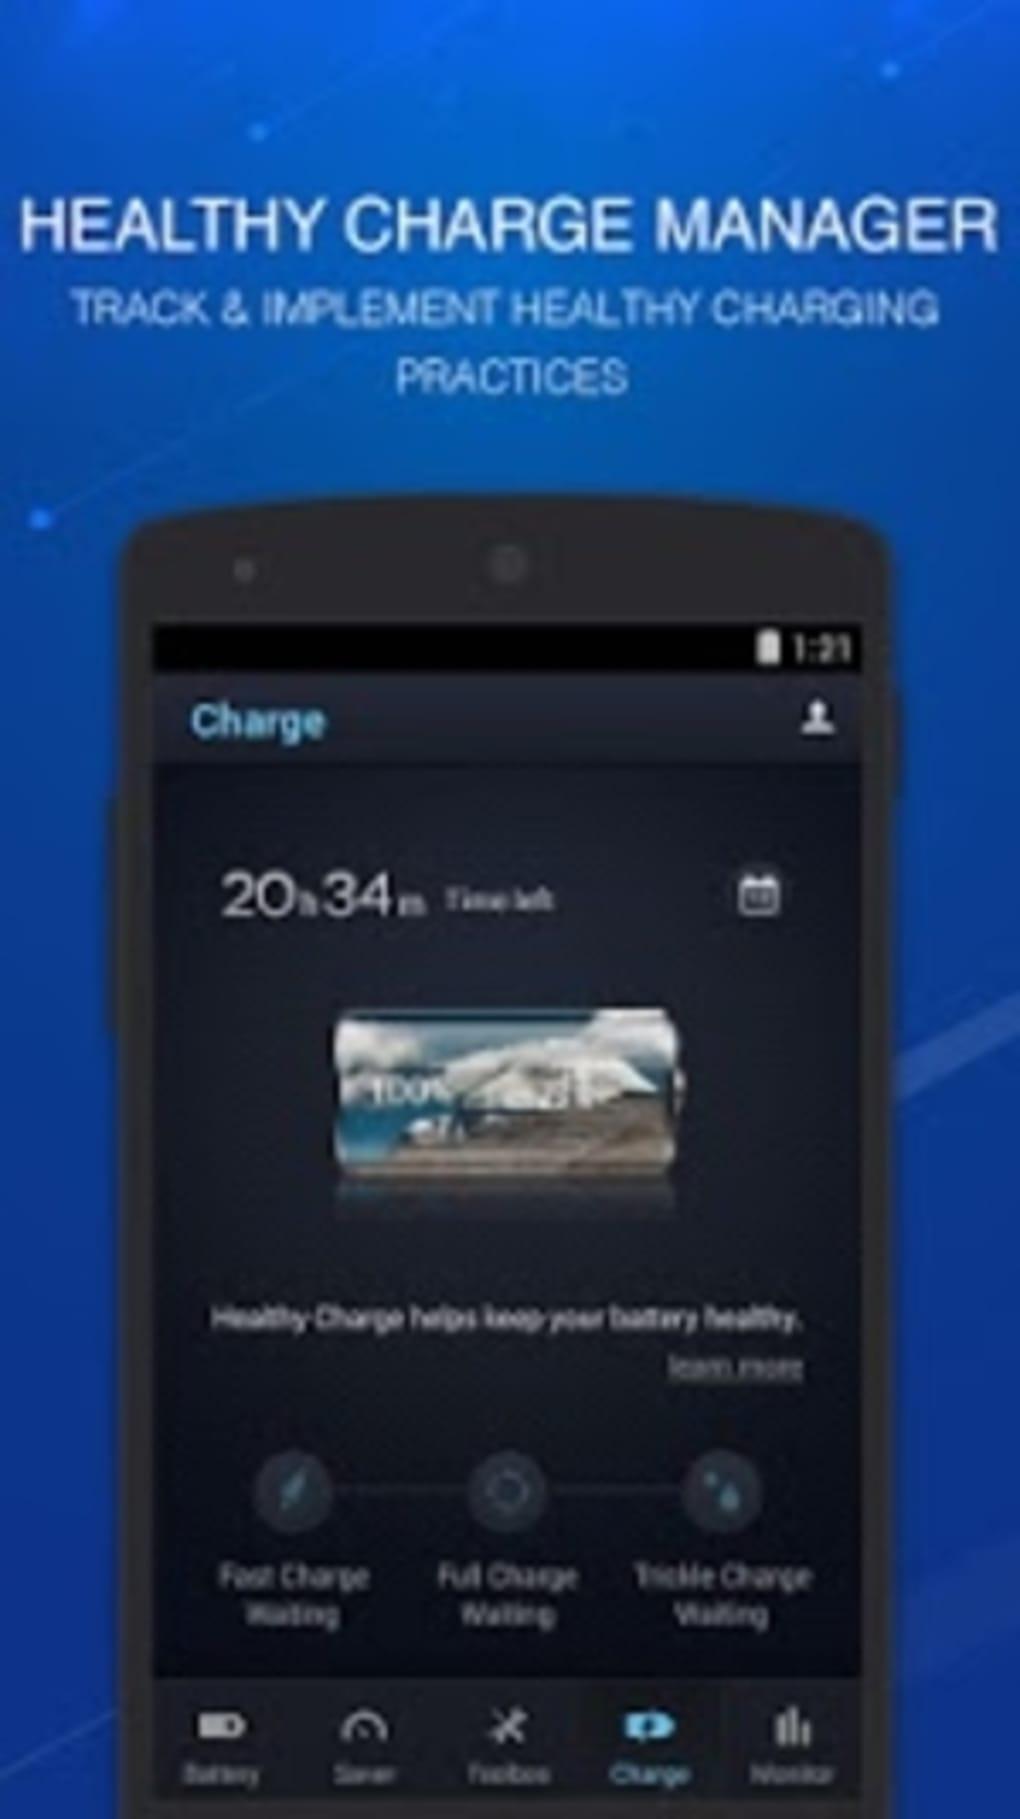 du battery saver java app download